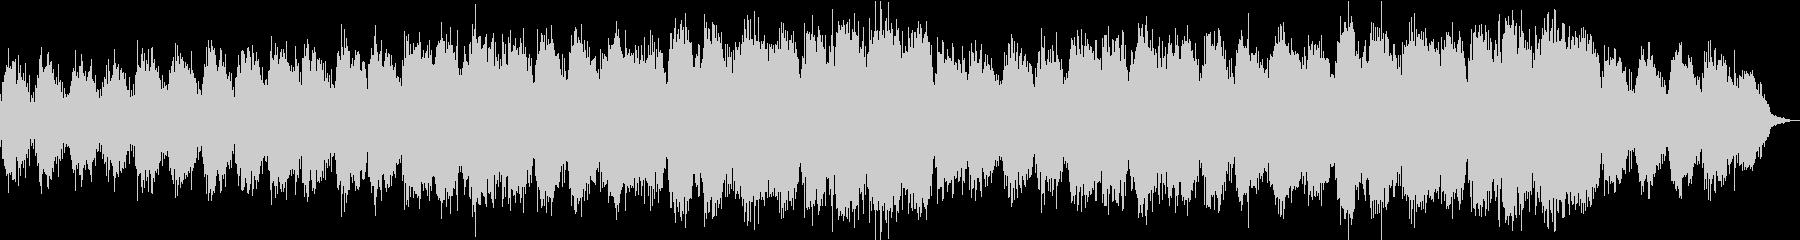 癒されるアンビエント系オーケストラの未再生の波形